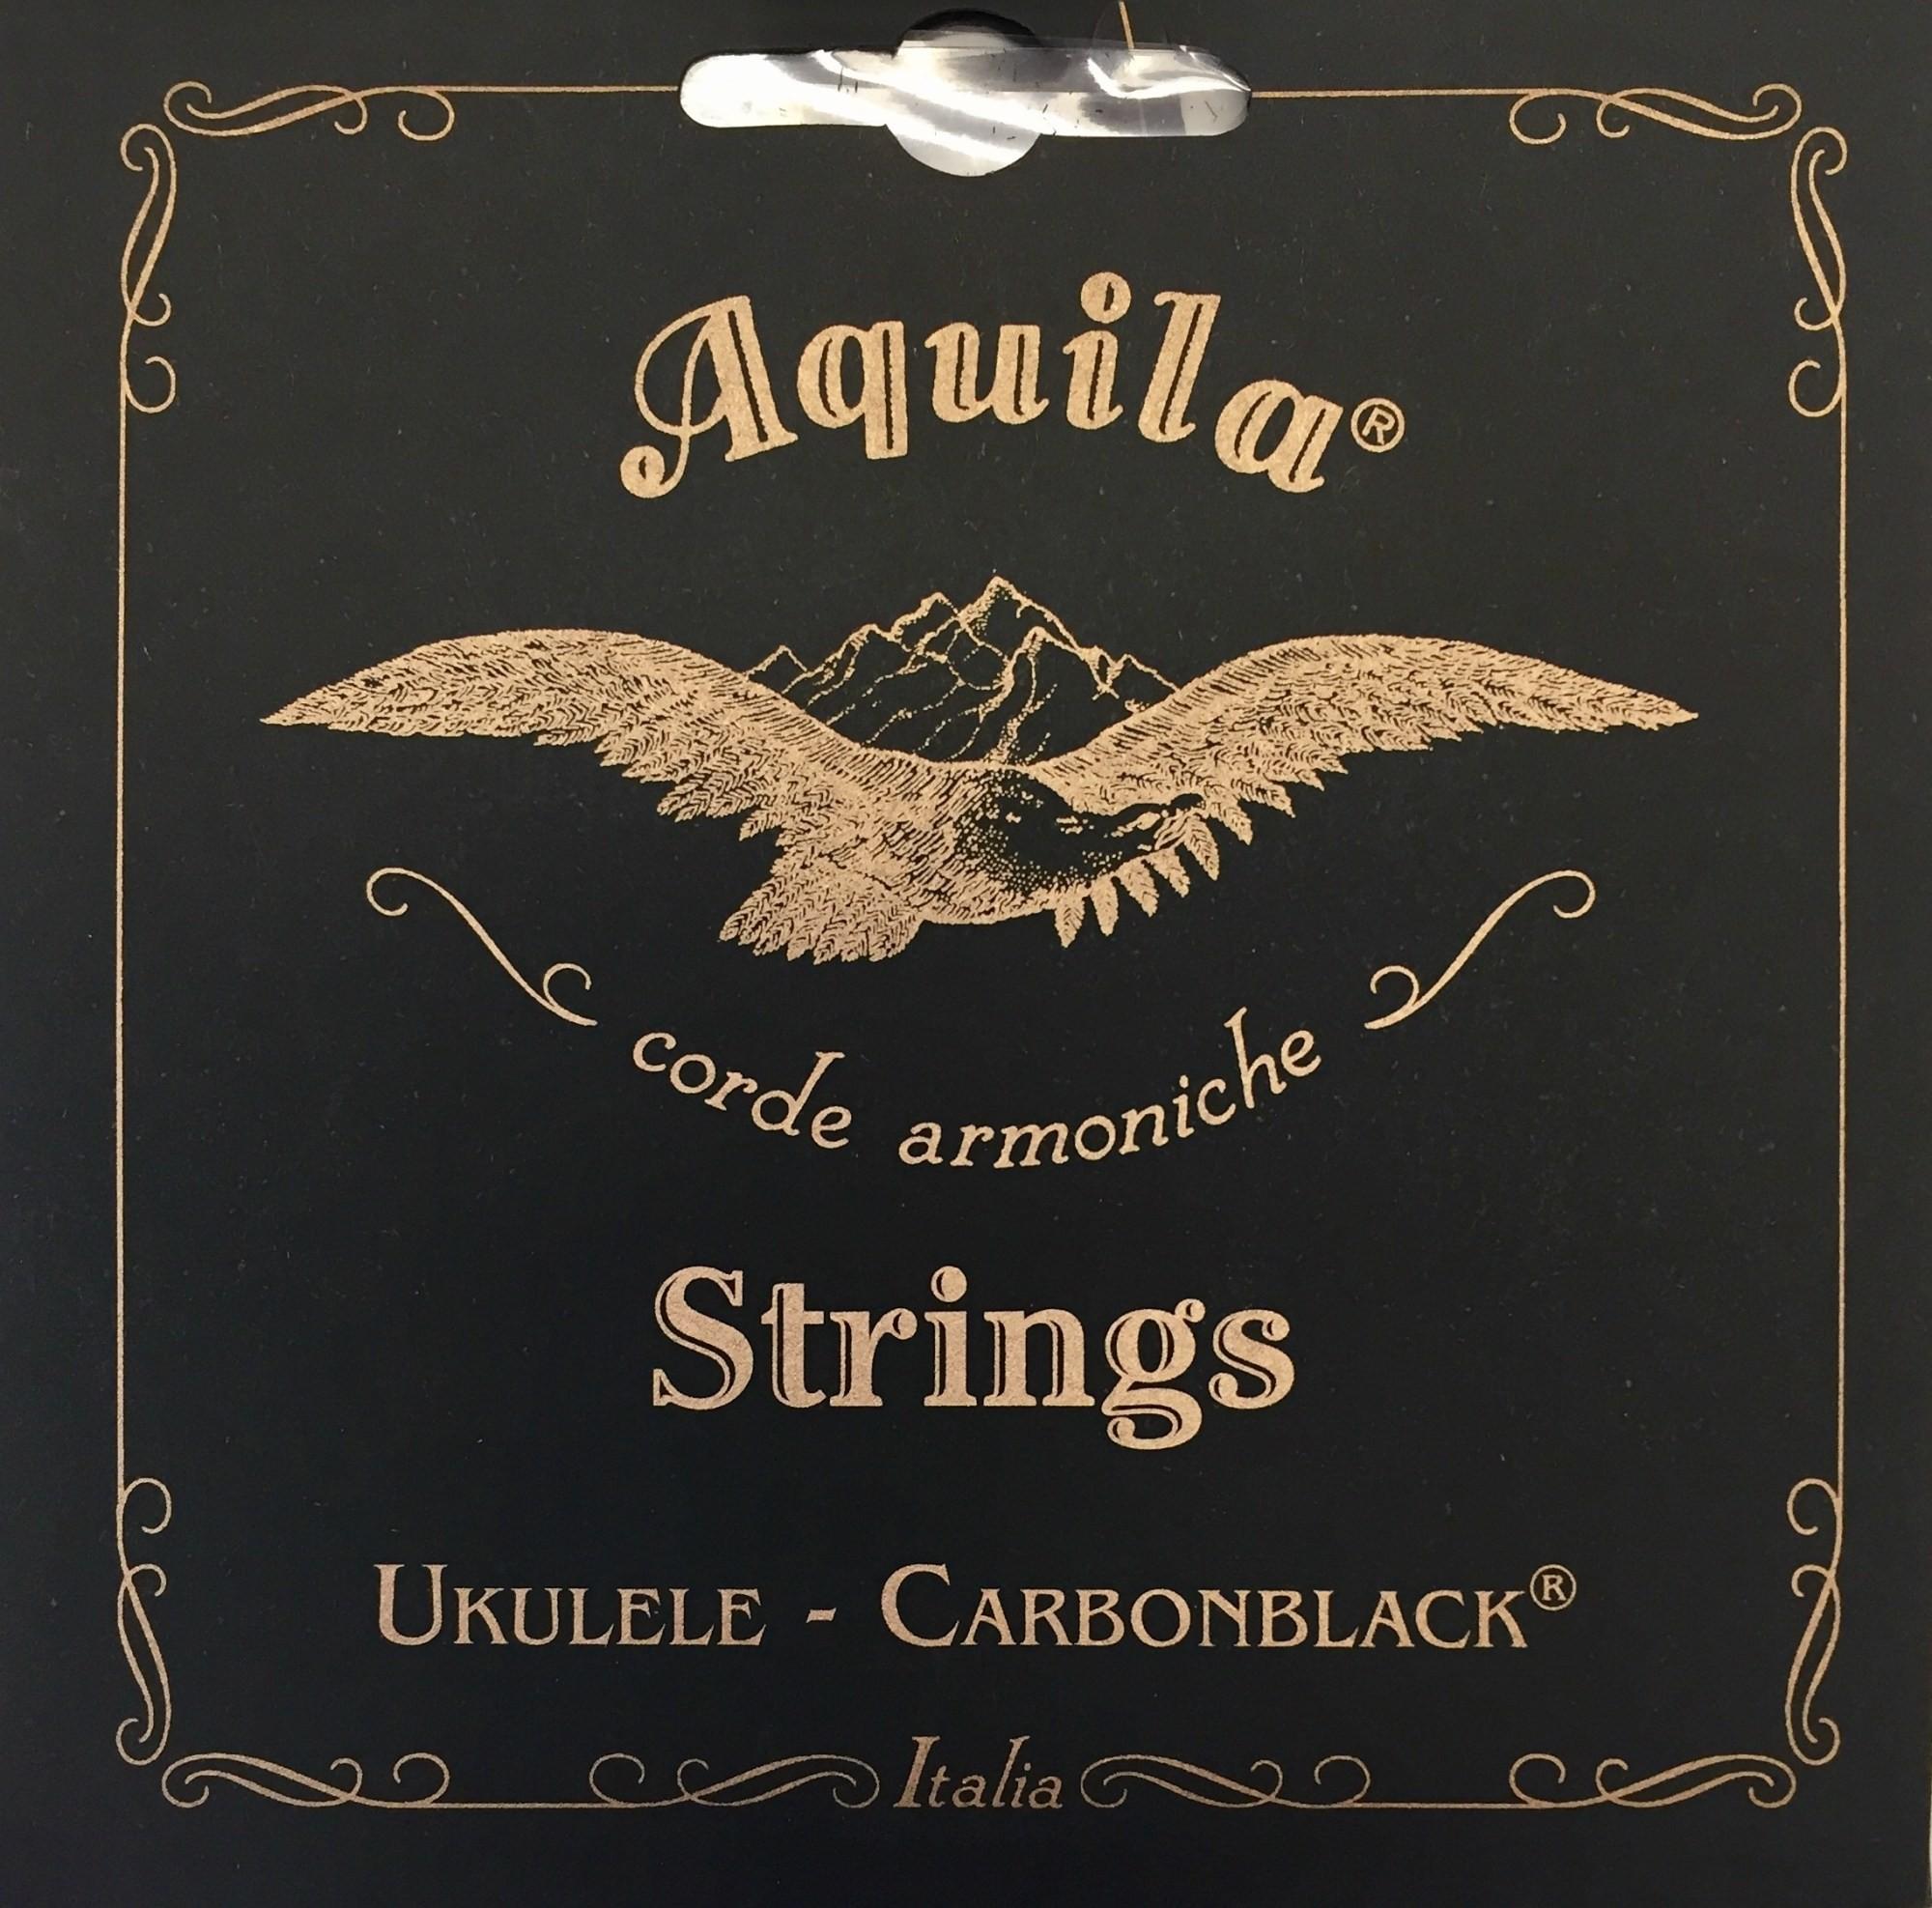 【AQUILA】LOW G用弦単品、新たなカーボン弦、シグネチャー弦が登場!